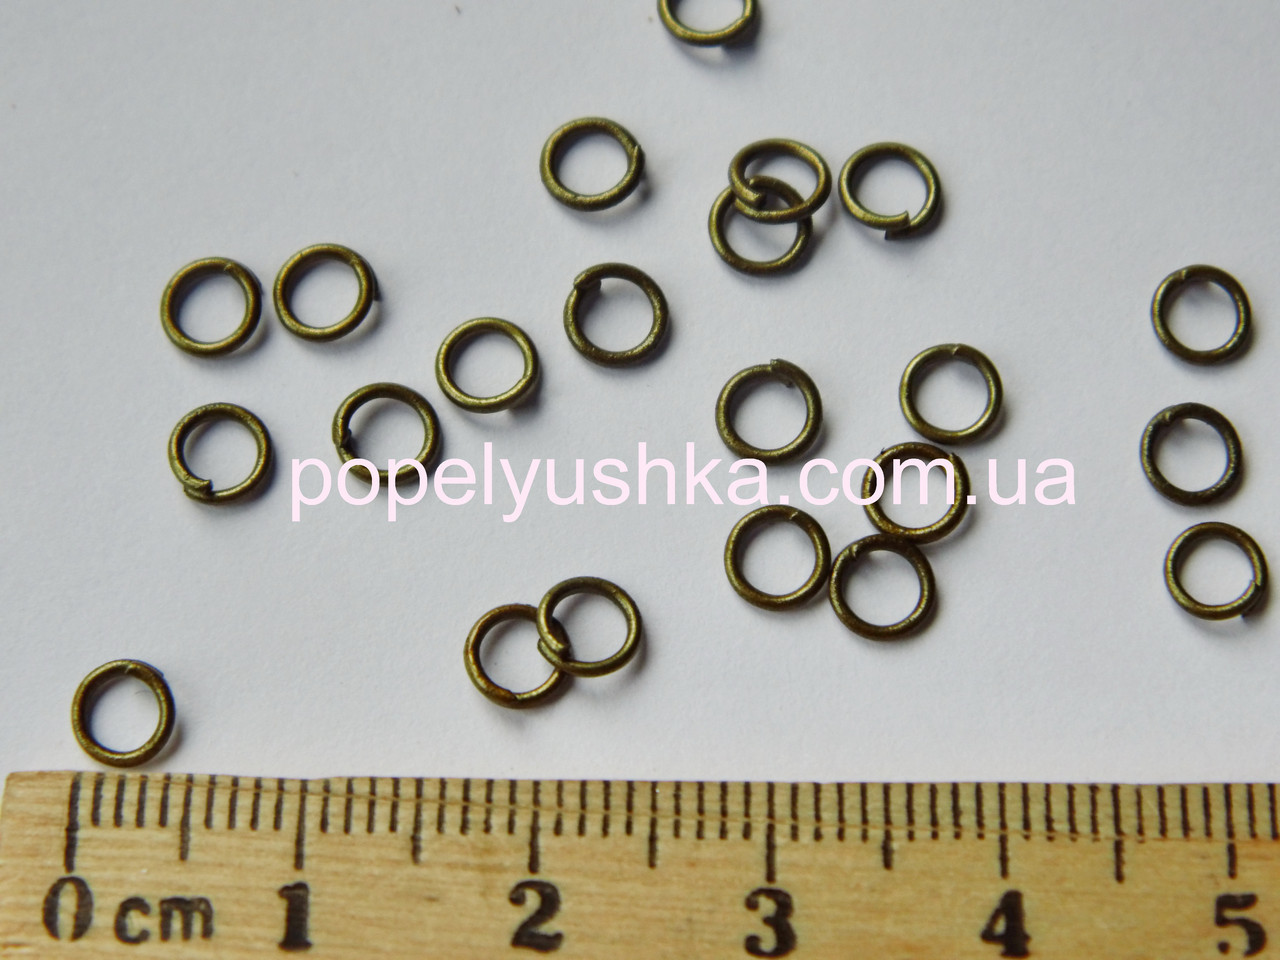 Колечки одинарные 4 мм Бронза 10 шт / уп